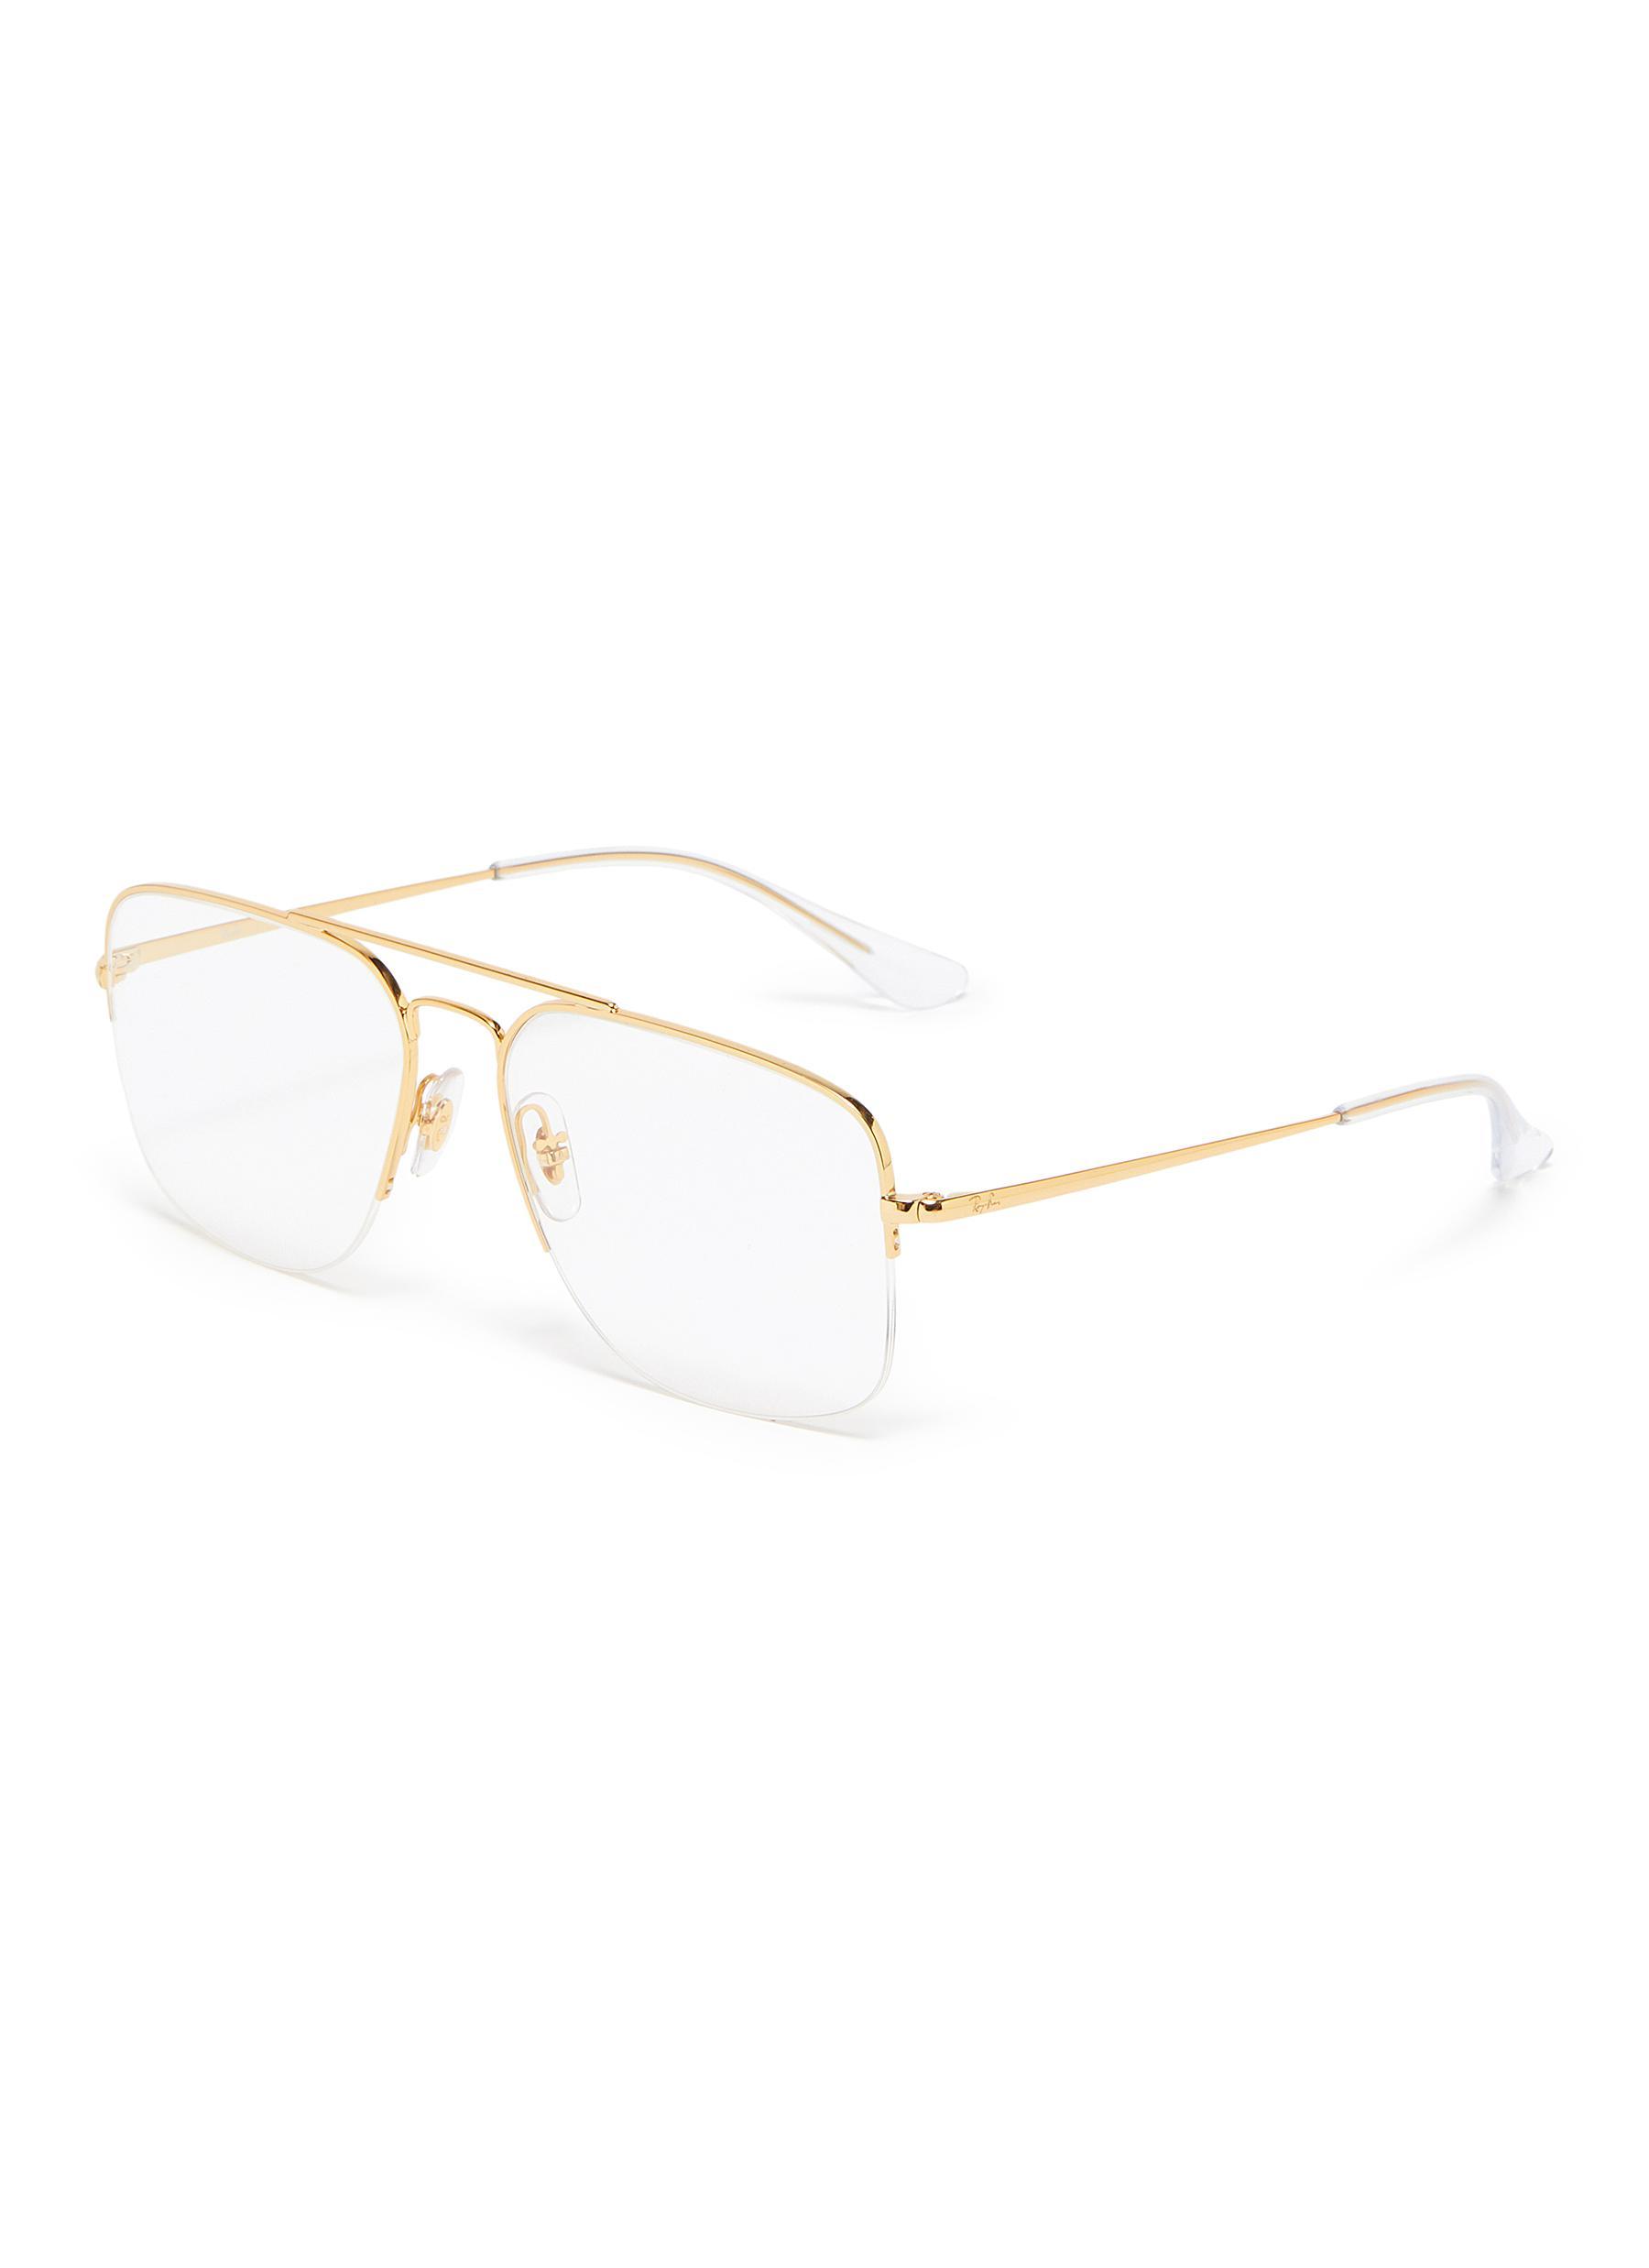 aa9de9a78c RAY-BAN | 'General Gaze' metal aviator optical glasses | Women ...